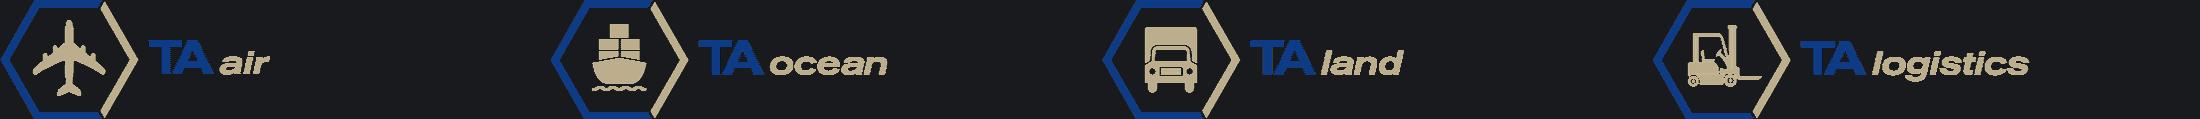 TA_Piktogramme_Transportbereiche